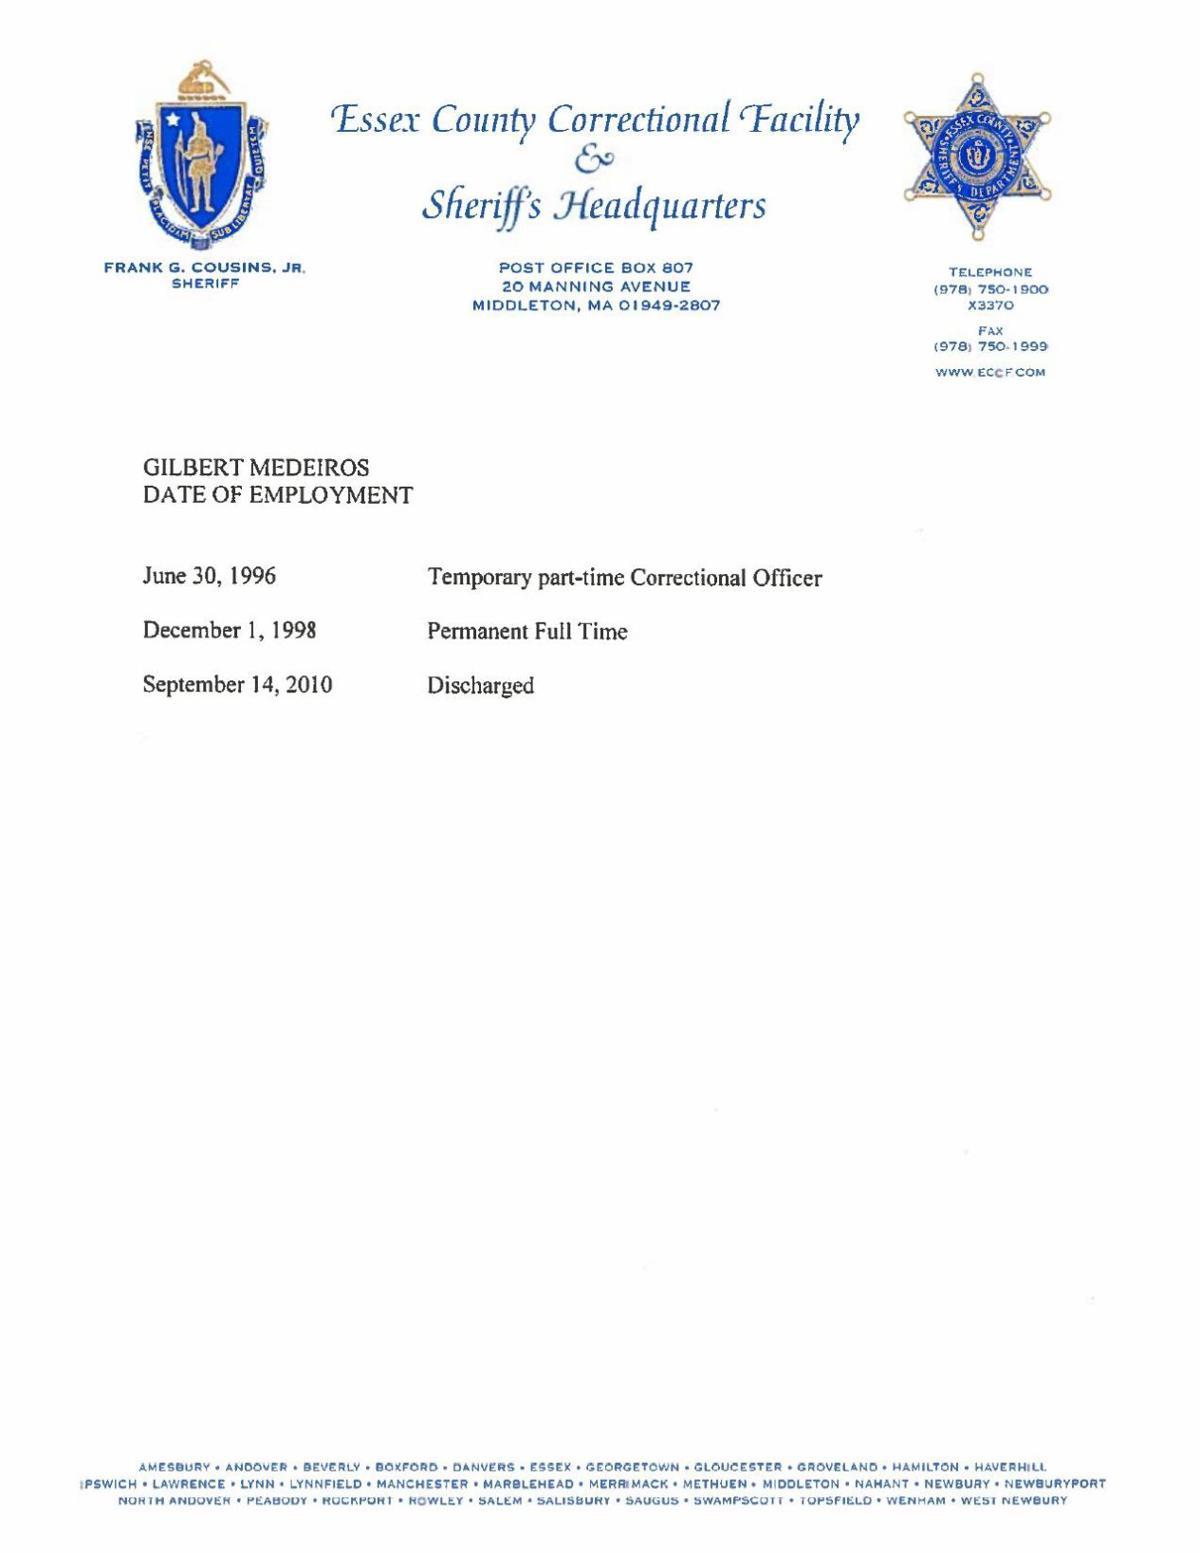 Sheriff dept's discipline records on Gilbert Medeiros   News